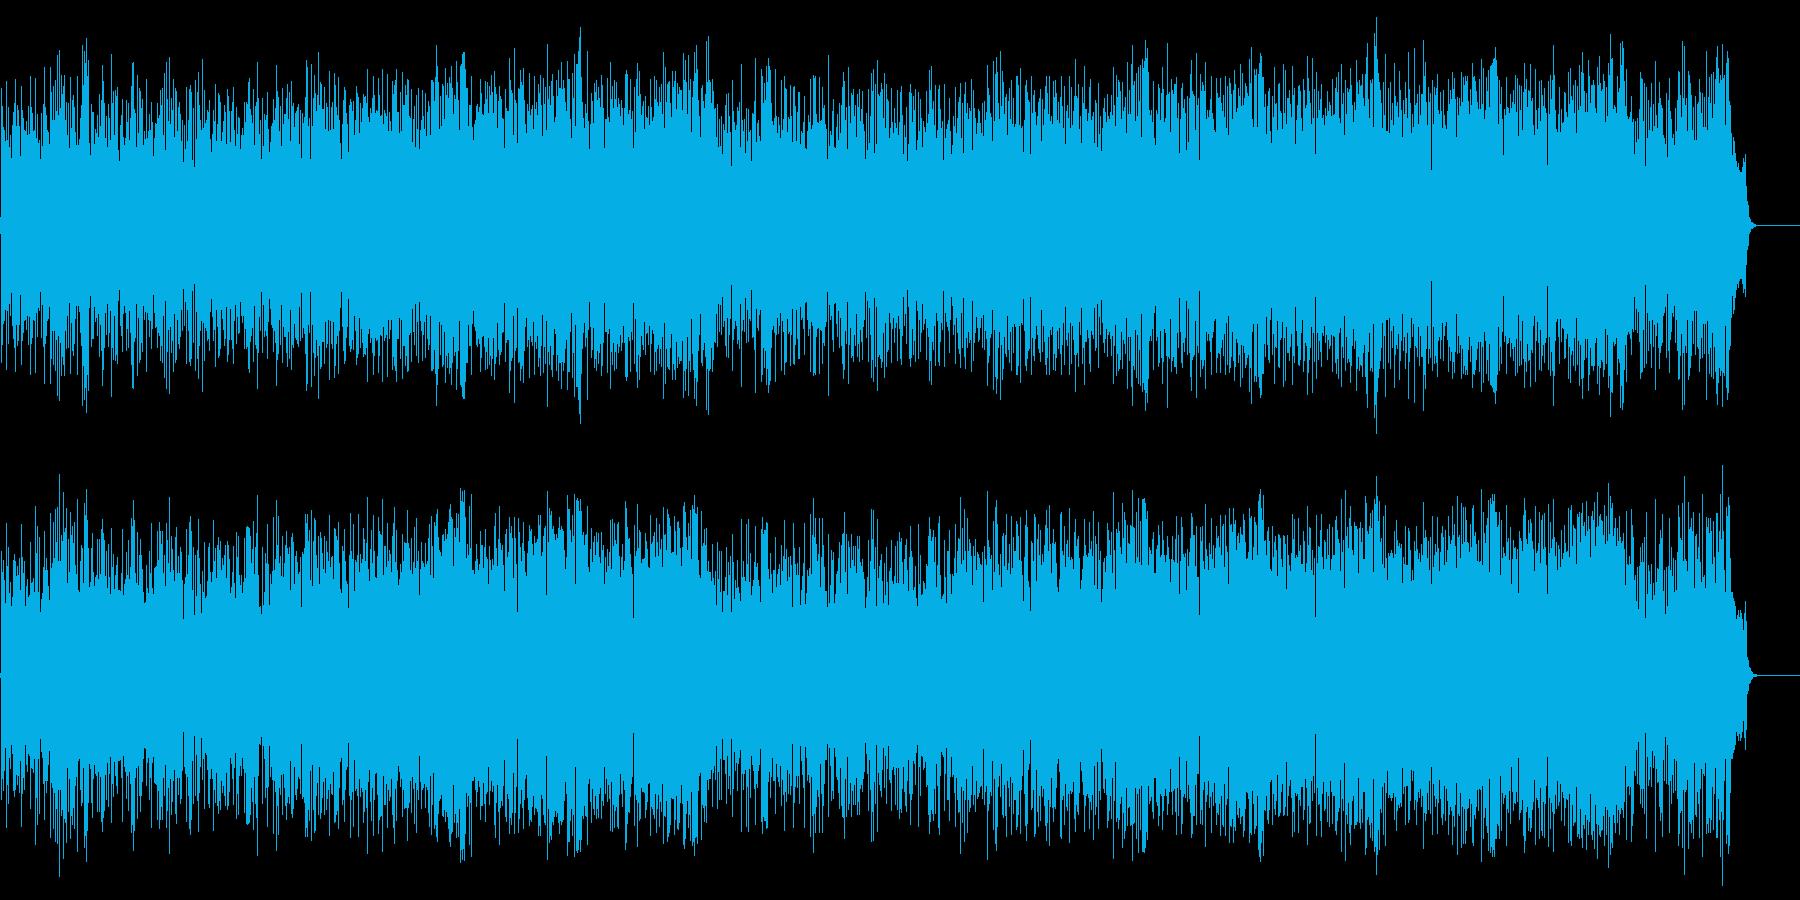 希望に満ちたポップス(フルサイズ)の再生済みの波形